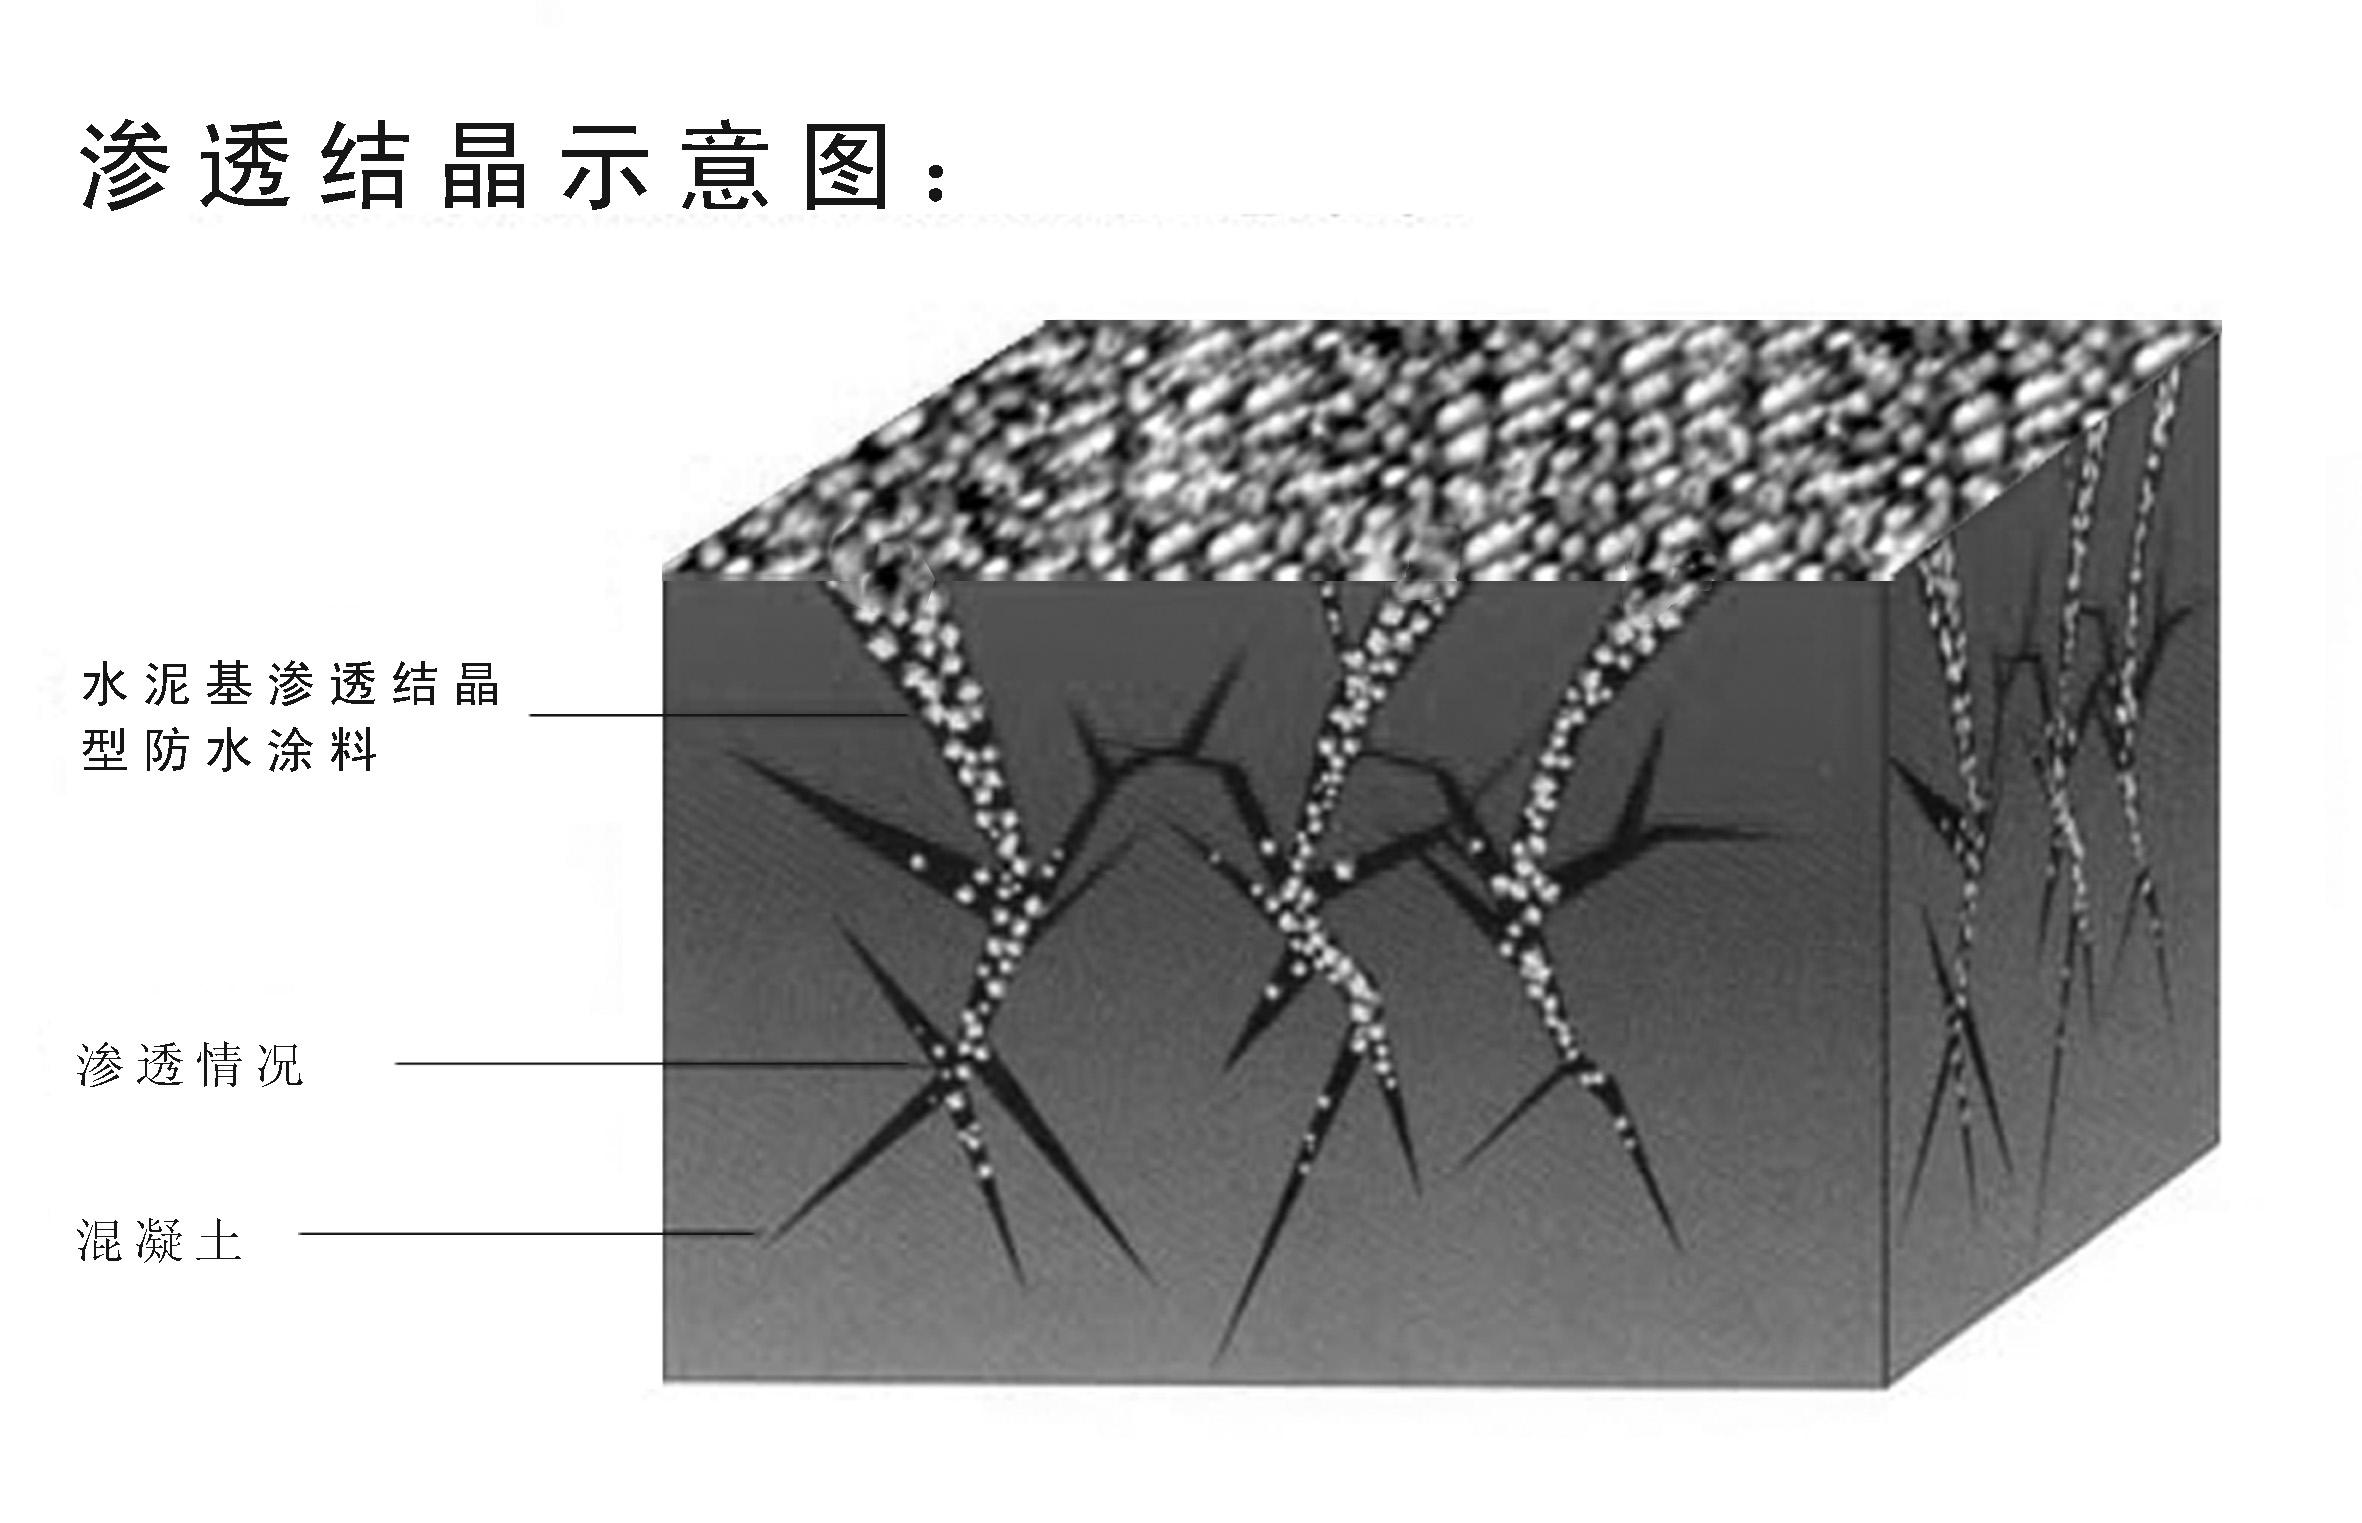 关于刚性防水材料简要介绍,刚性防水材料主要有哪些?